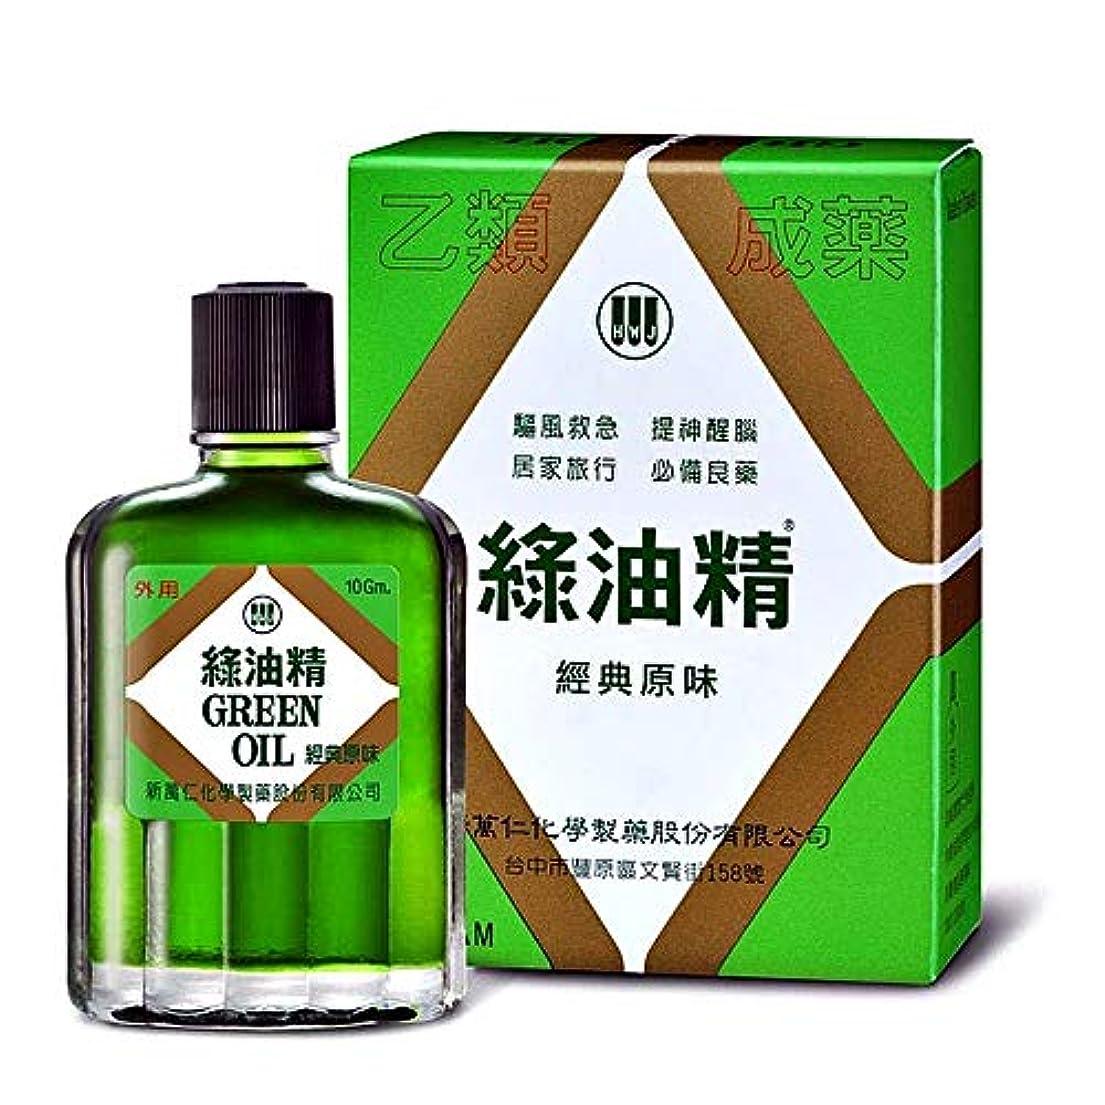 意外ドール繰り返した《新萬仁》台湾の万能グリーンオイル 緑油精 10g 《台湾 お土産》 [並行輸入品]